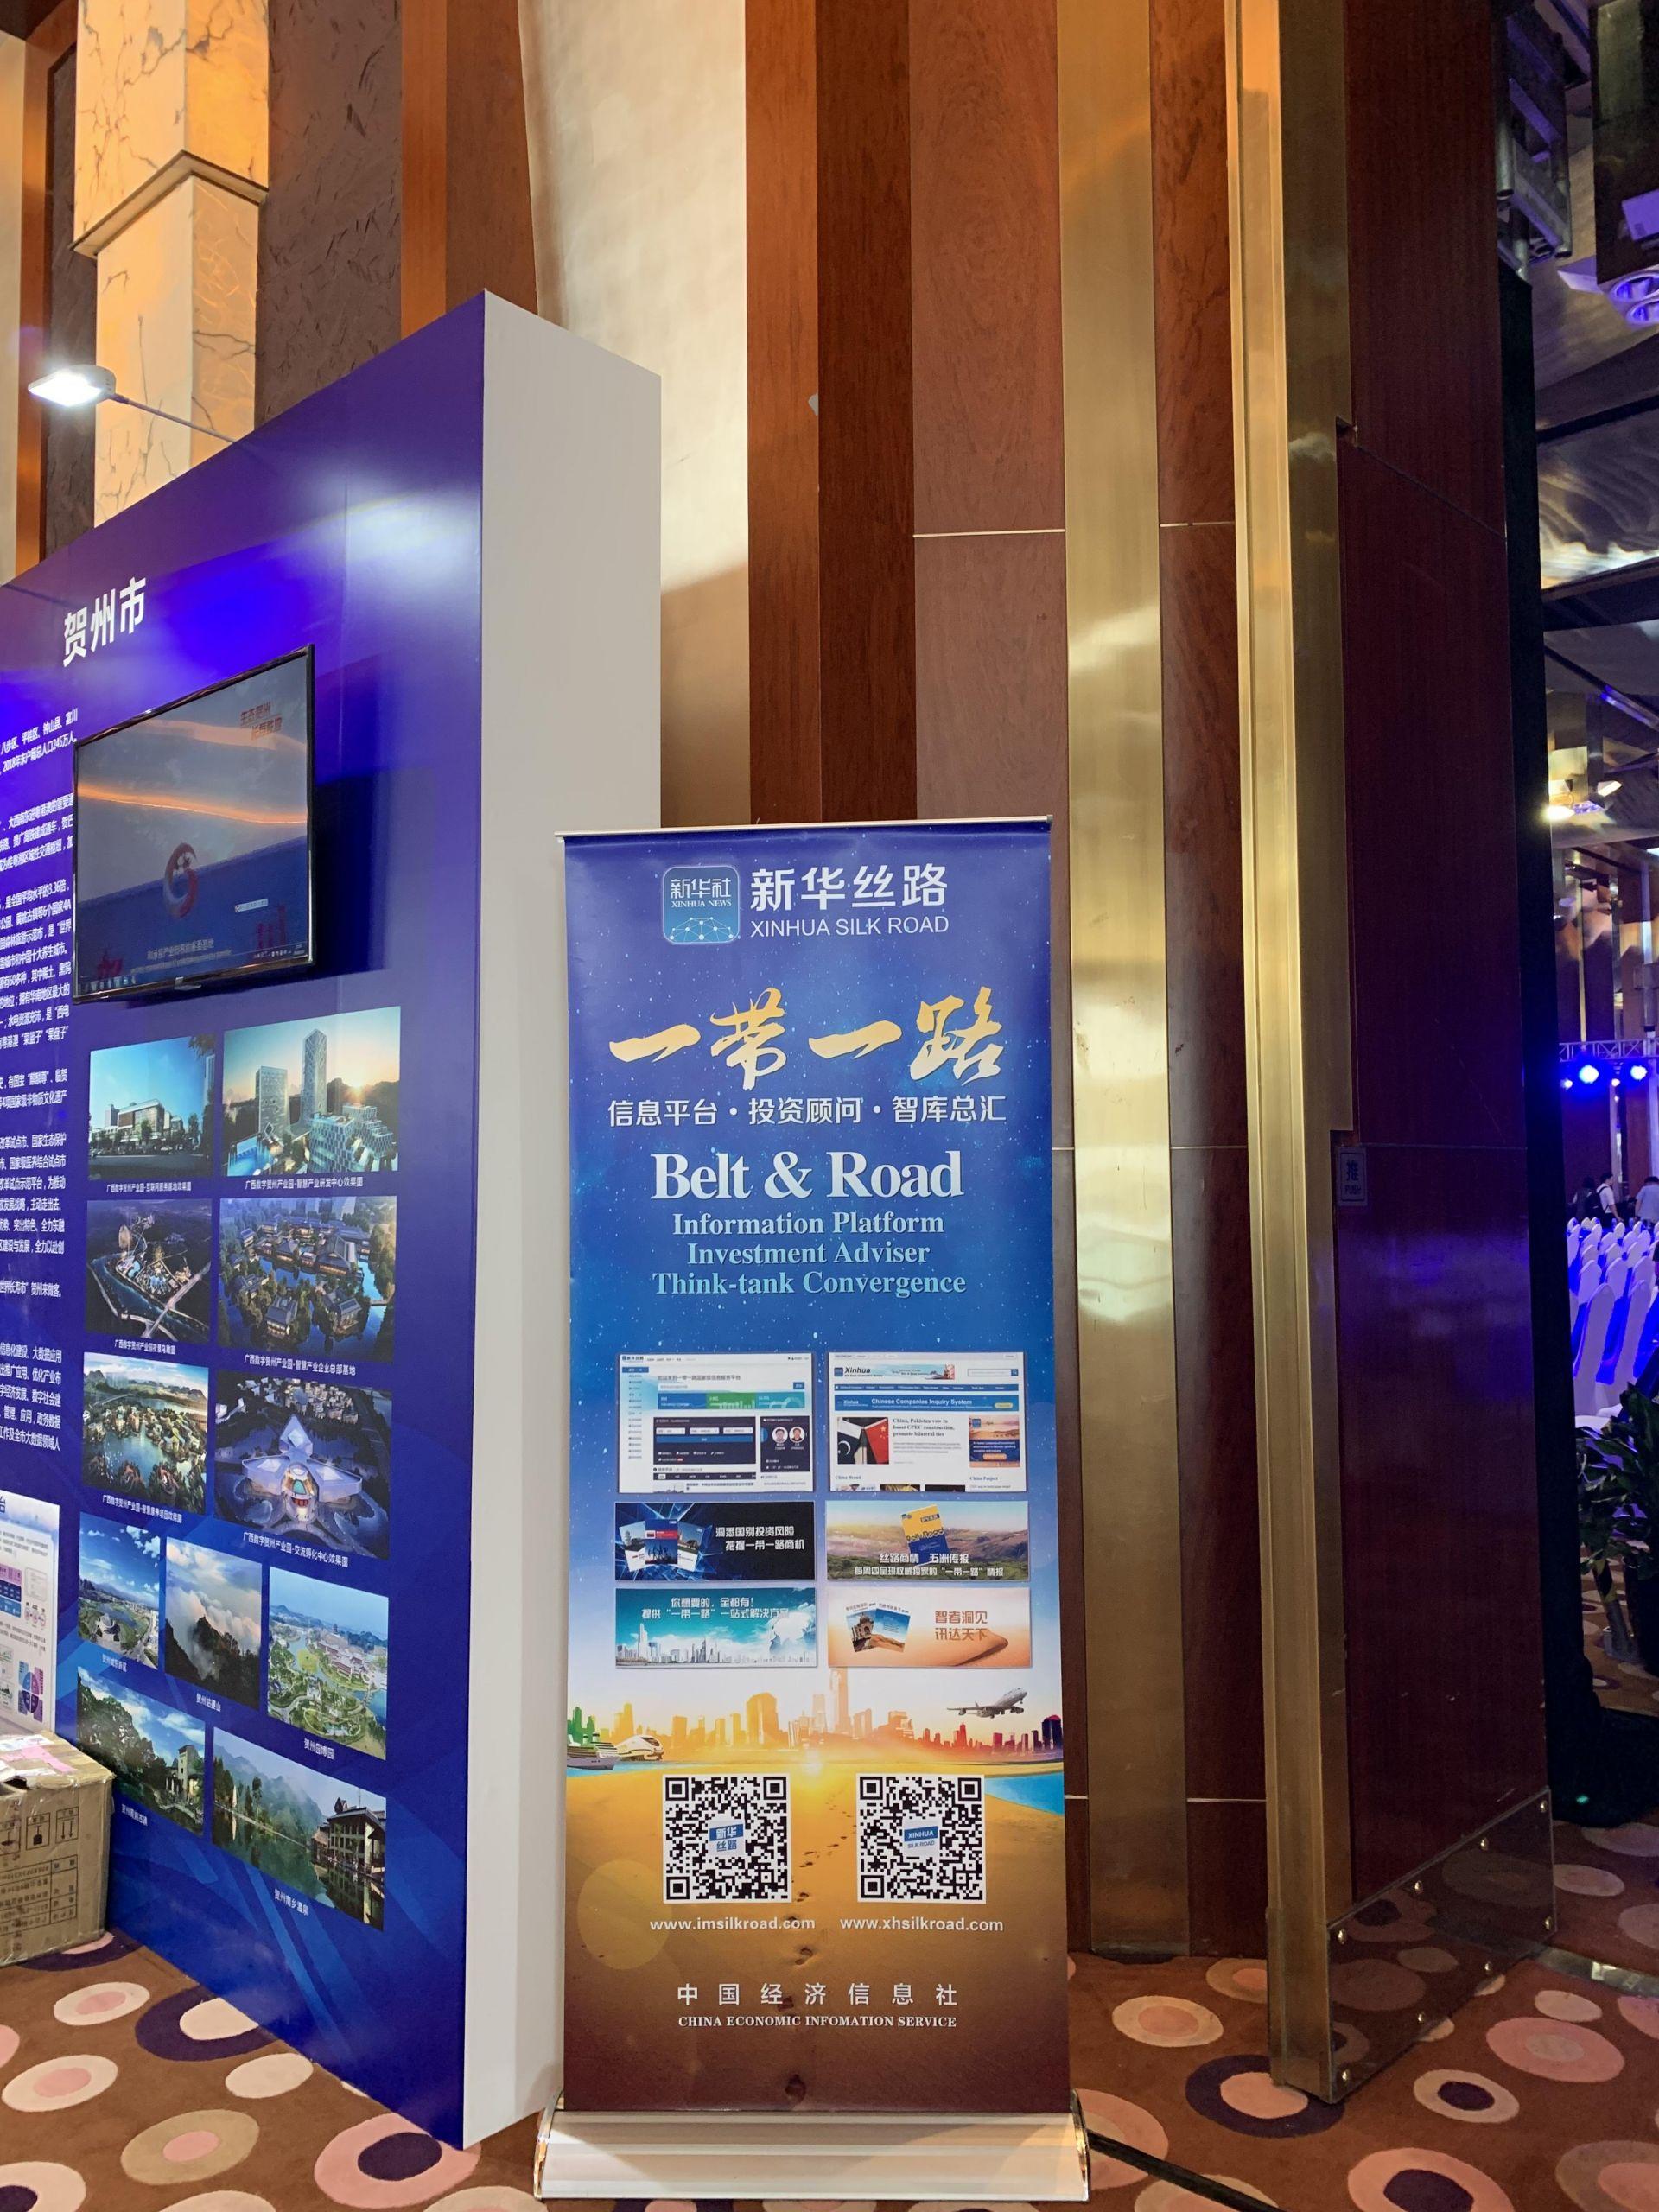 2019广西大数据产业投资合作洽谈会的会场入口